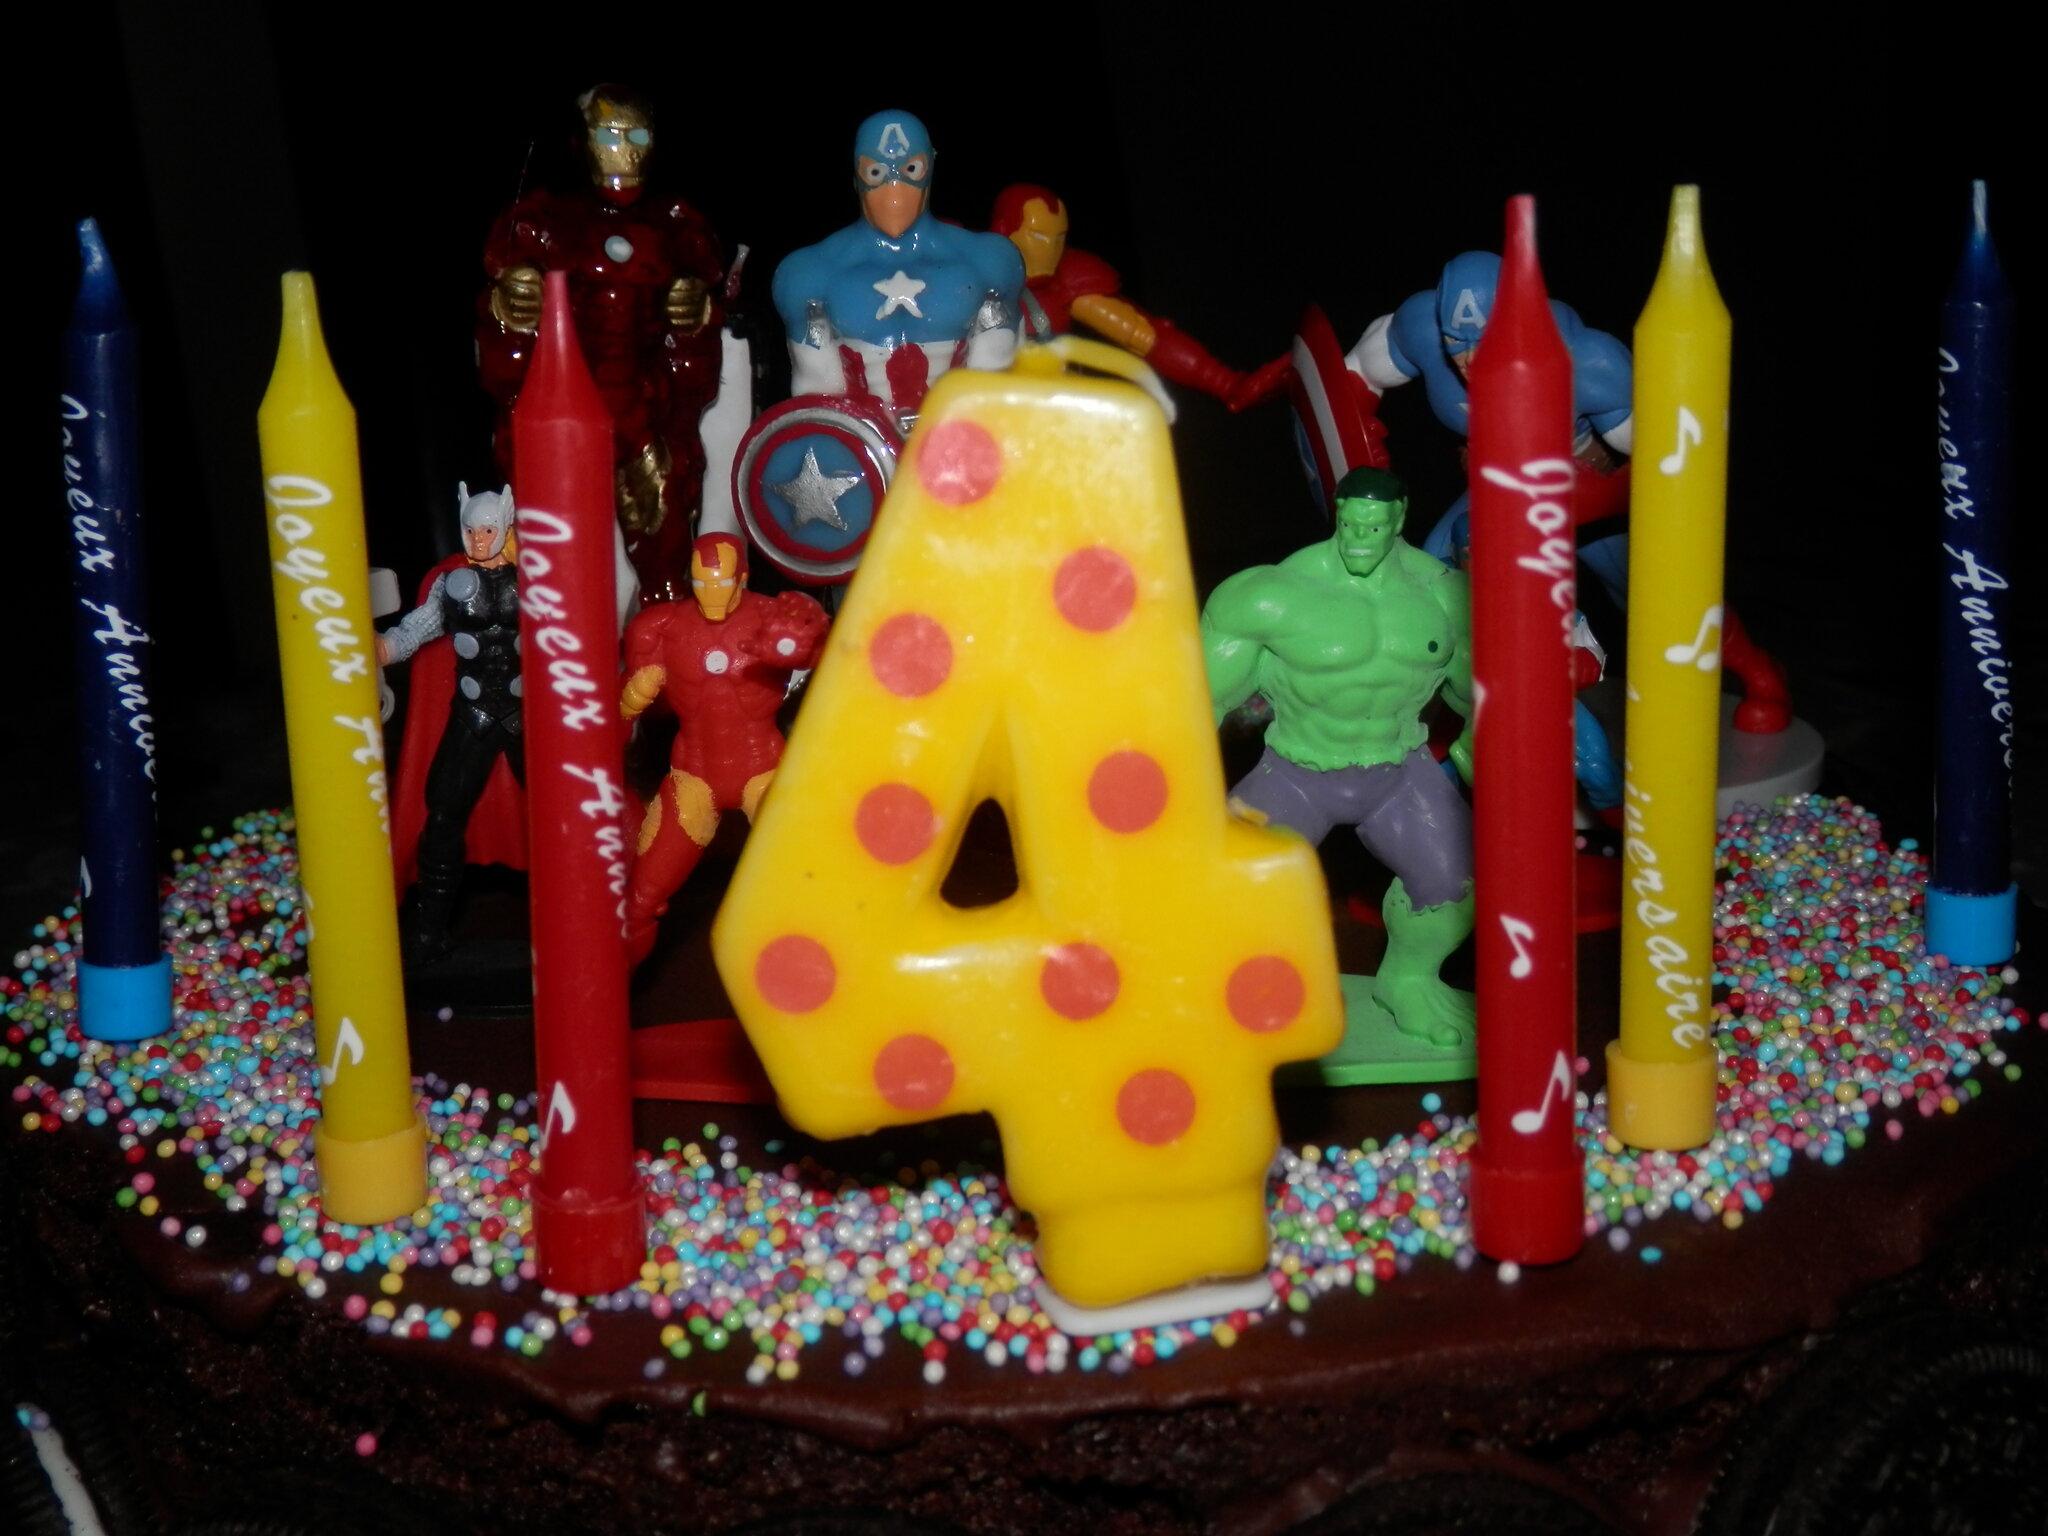 Gateau pour anniversaire 4 ans